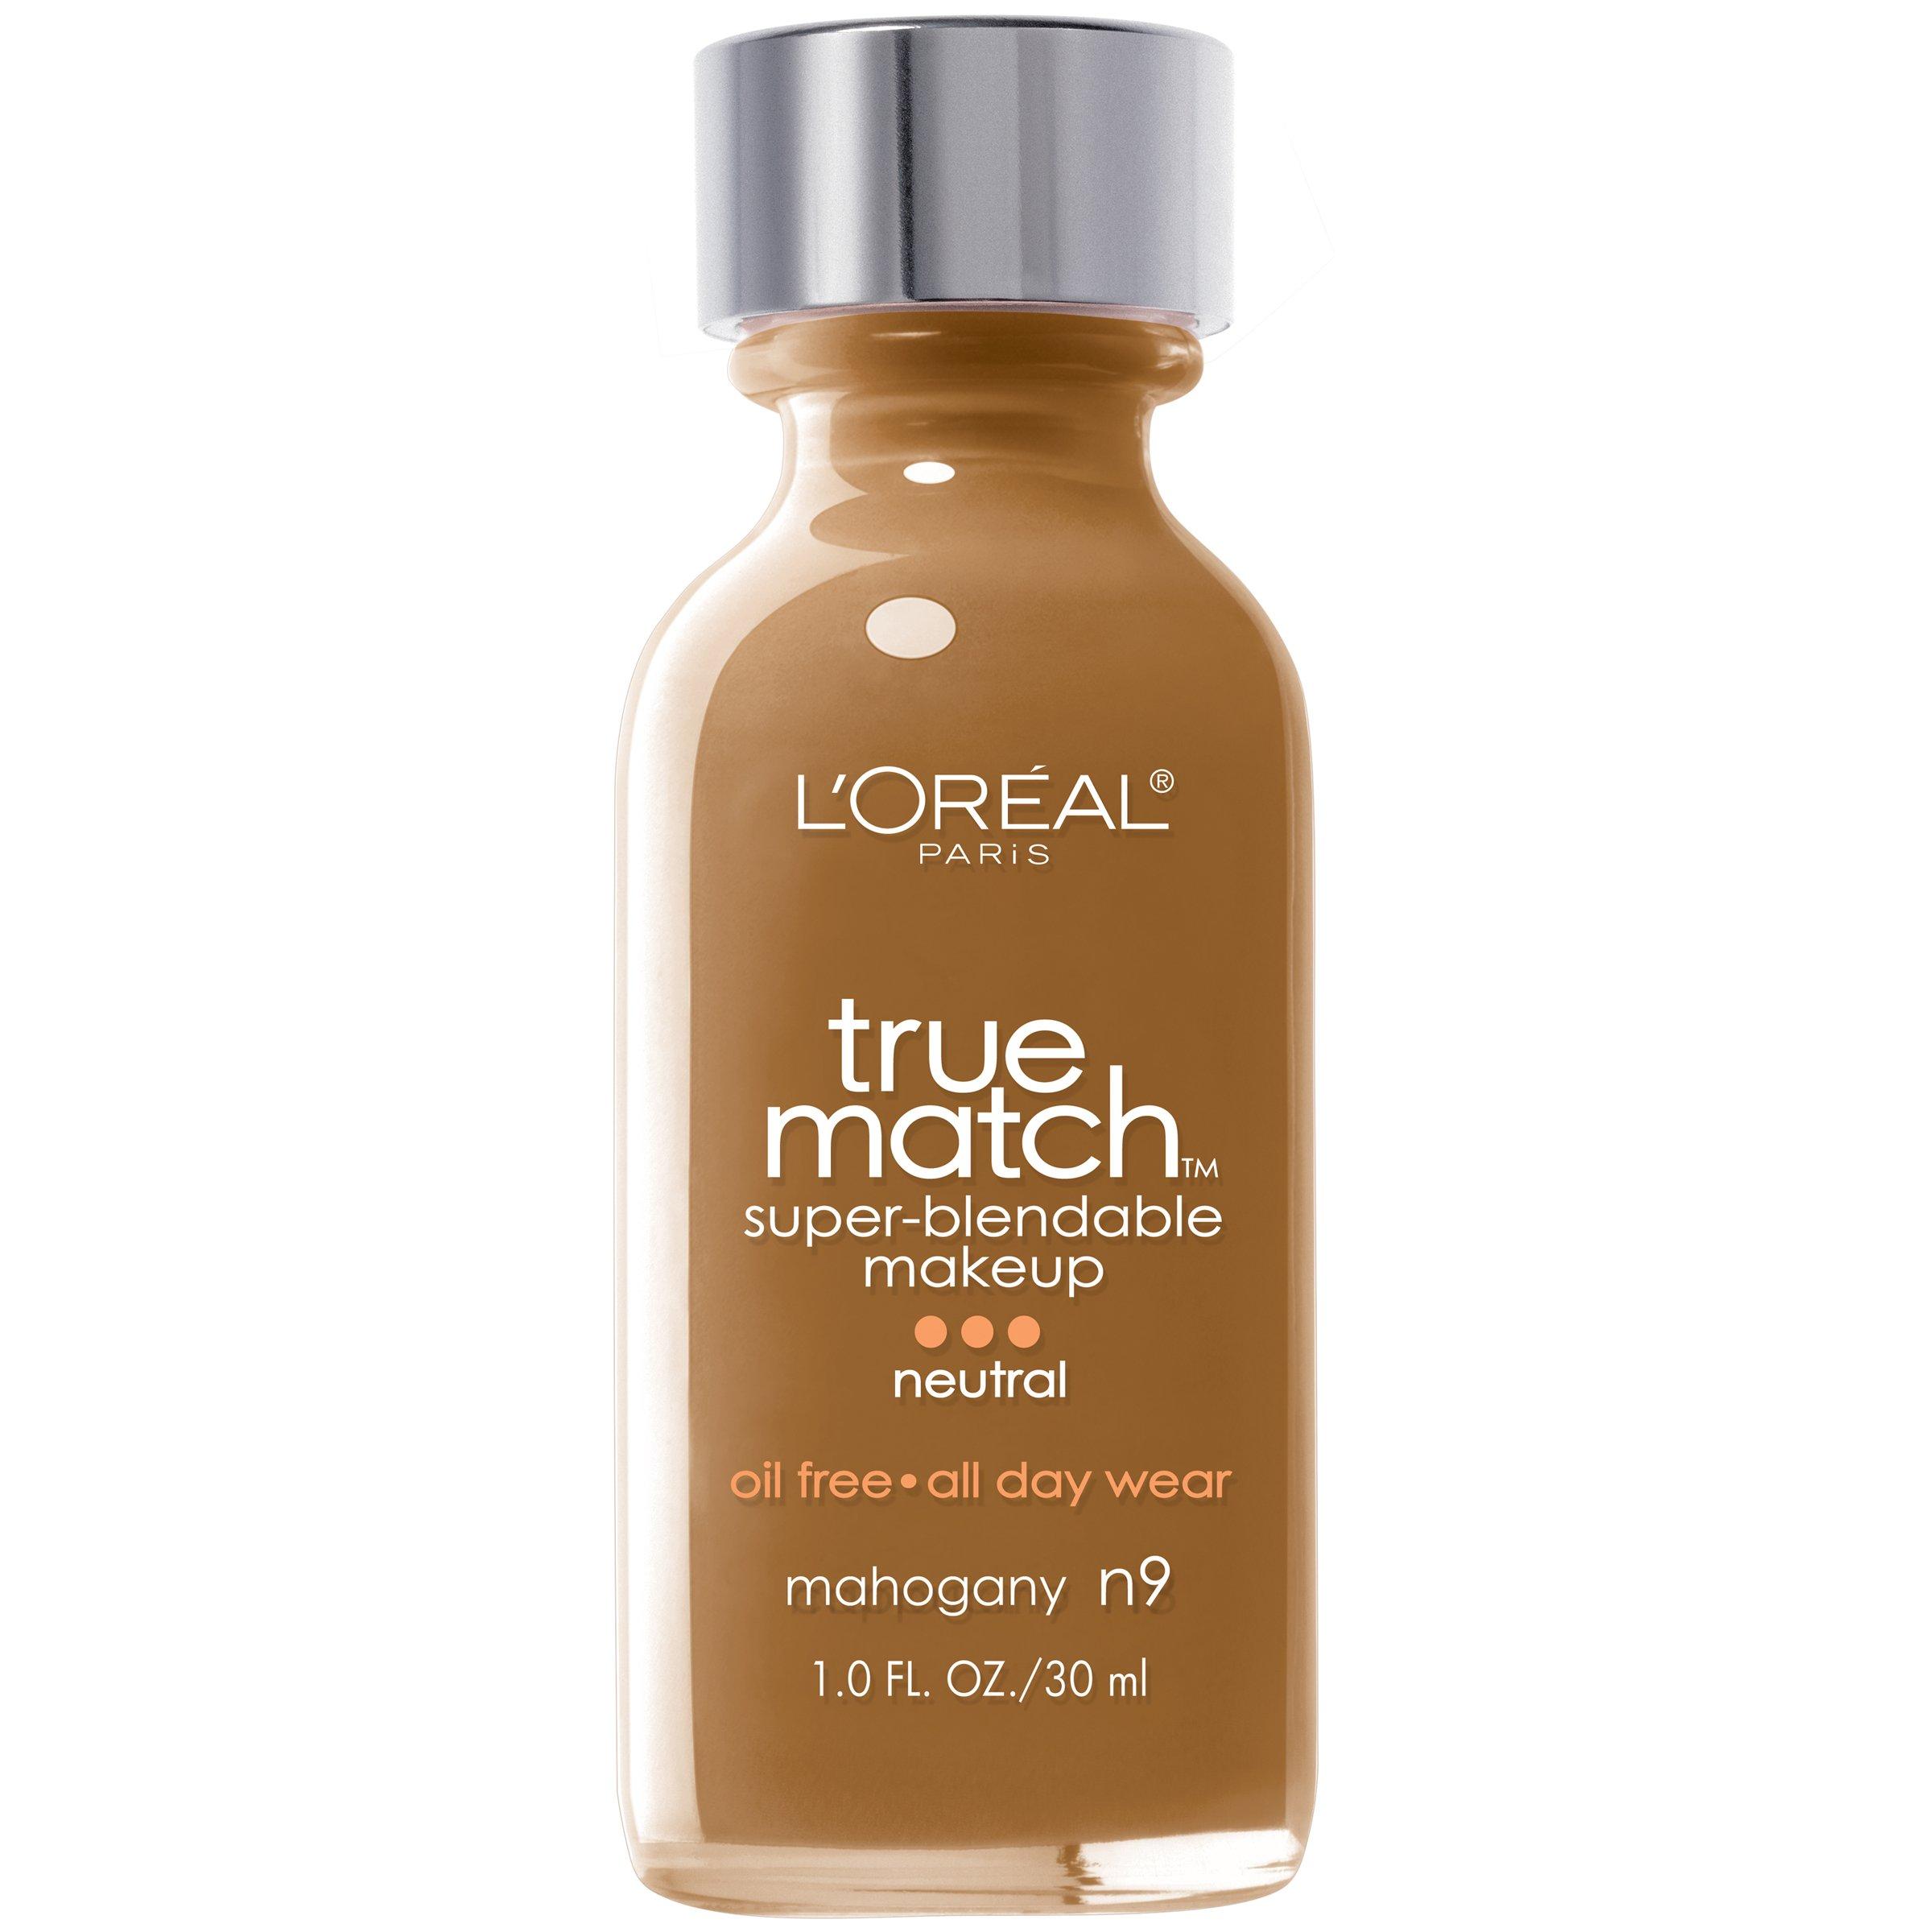 L'Oreal Paris Makeup True Match Super-Blendable Liquid Foundation, Mahogany N9, 1 Fl Oz,1 Count